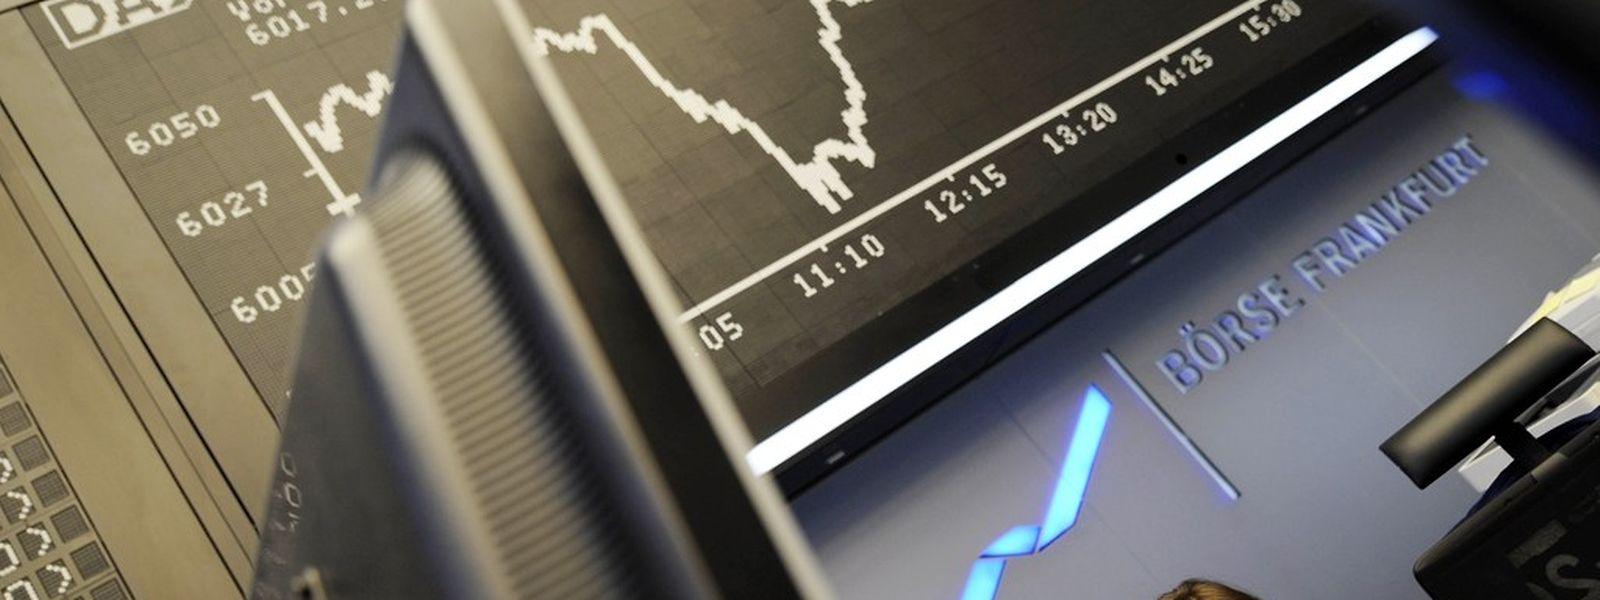 Mit dem Börsengang will Rocket Internet 750 Millionen Euro einnehmen.